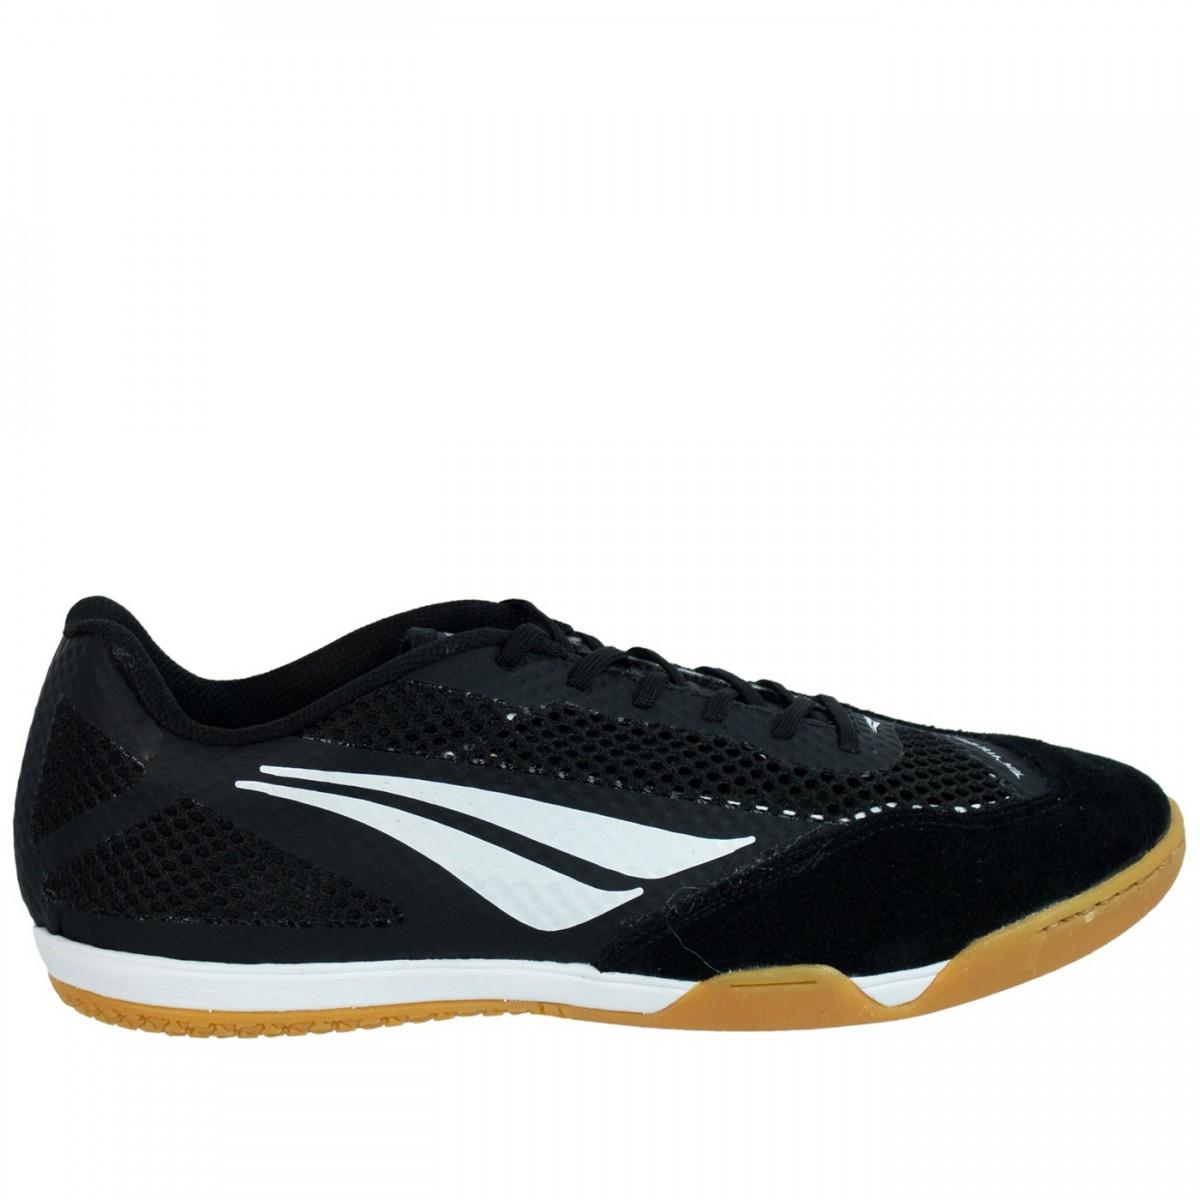 Bizz Store - Chuteira Futsal Masculina Penalty Max 500 Preto b2233decfc01a